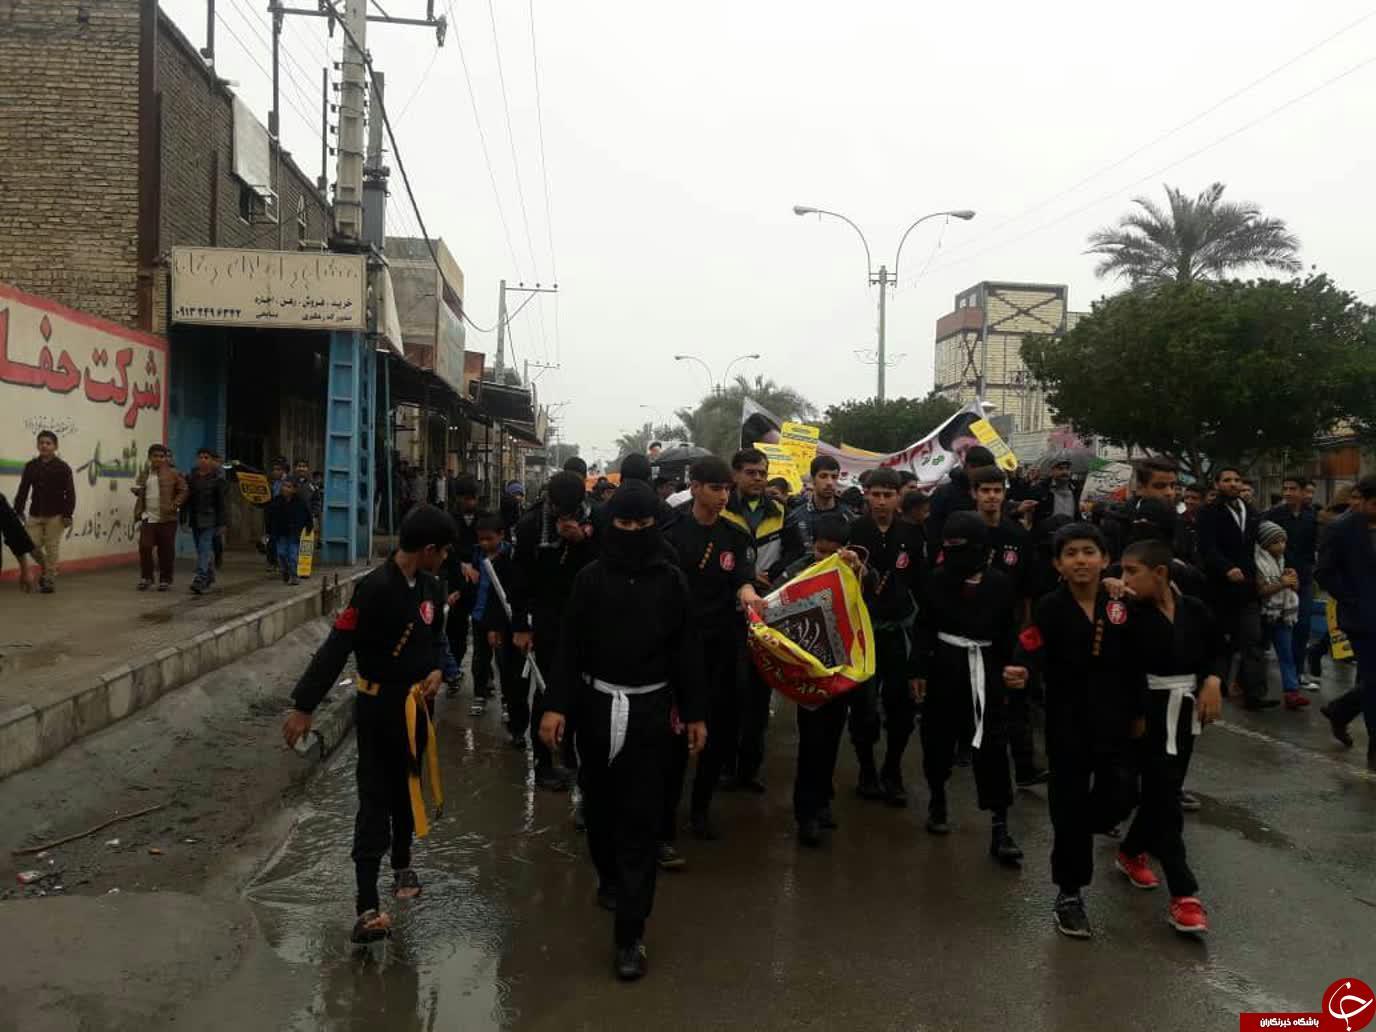 جلوههایی از حضور جامعه ورزش و جوانان استان کرمان + تصاویر